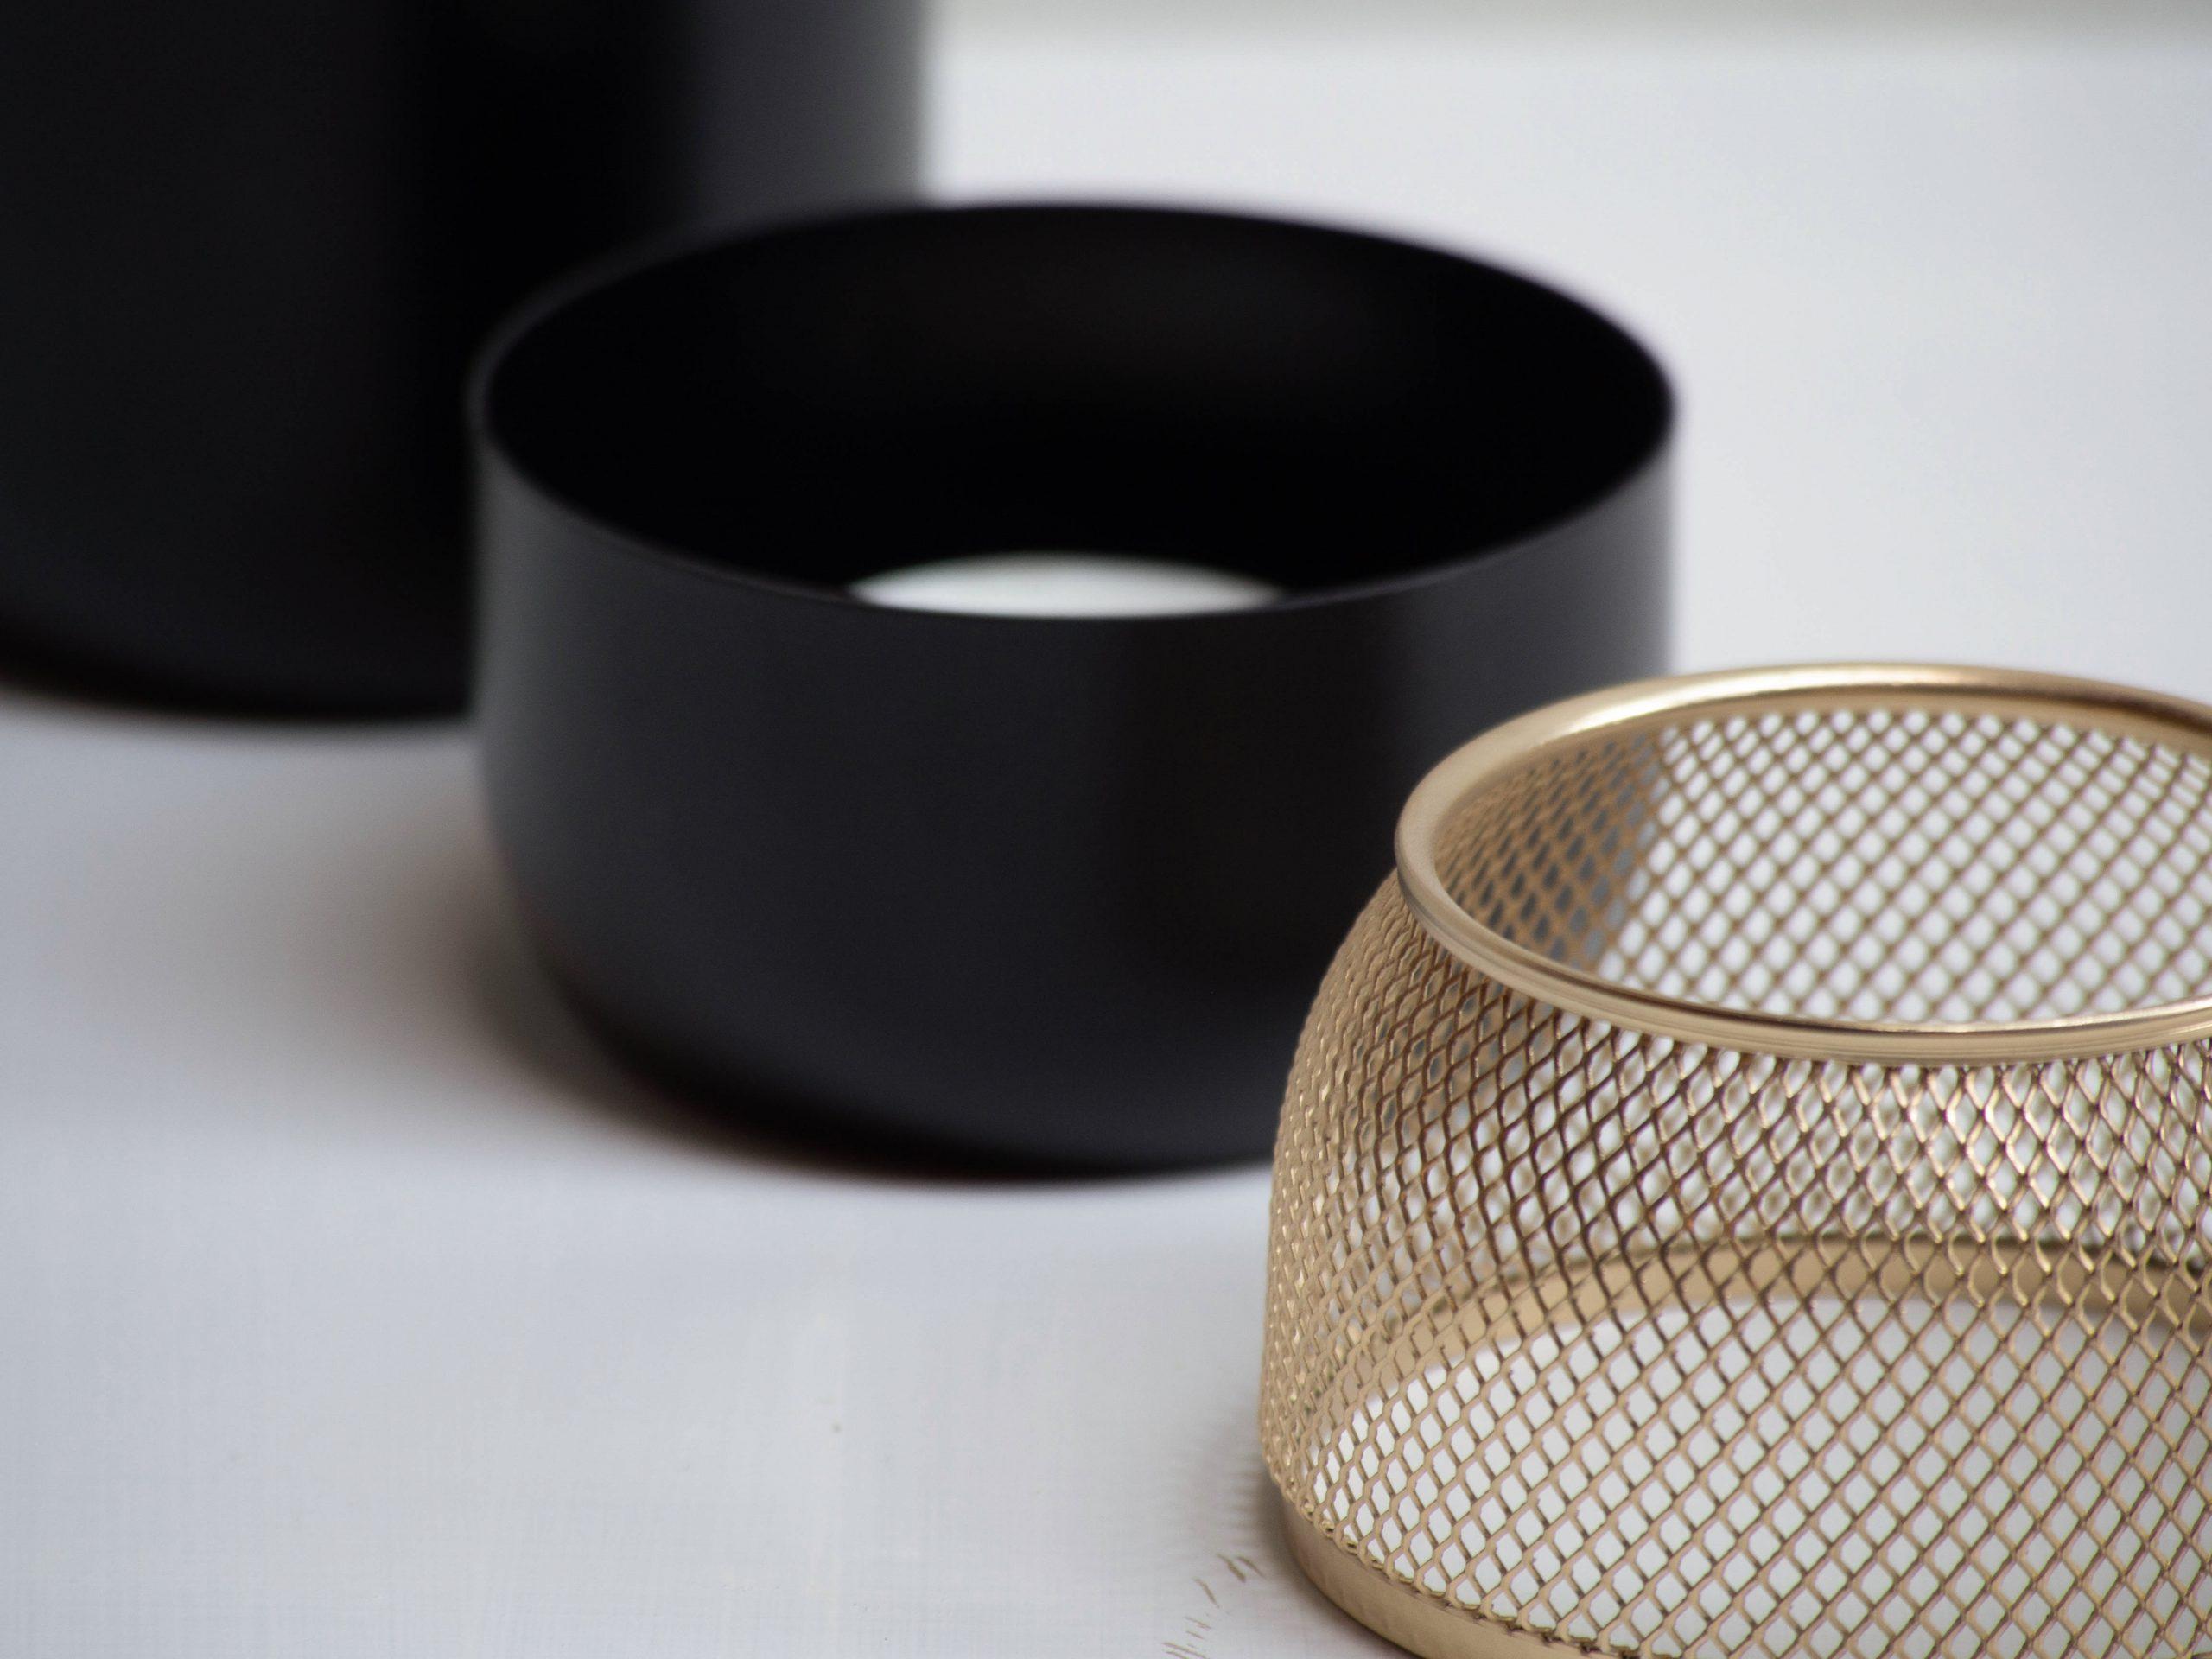 Detail of the Collar Mesh Tealight holder by Debiasi Sandri for Stelton